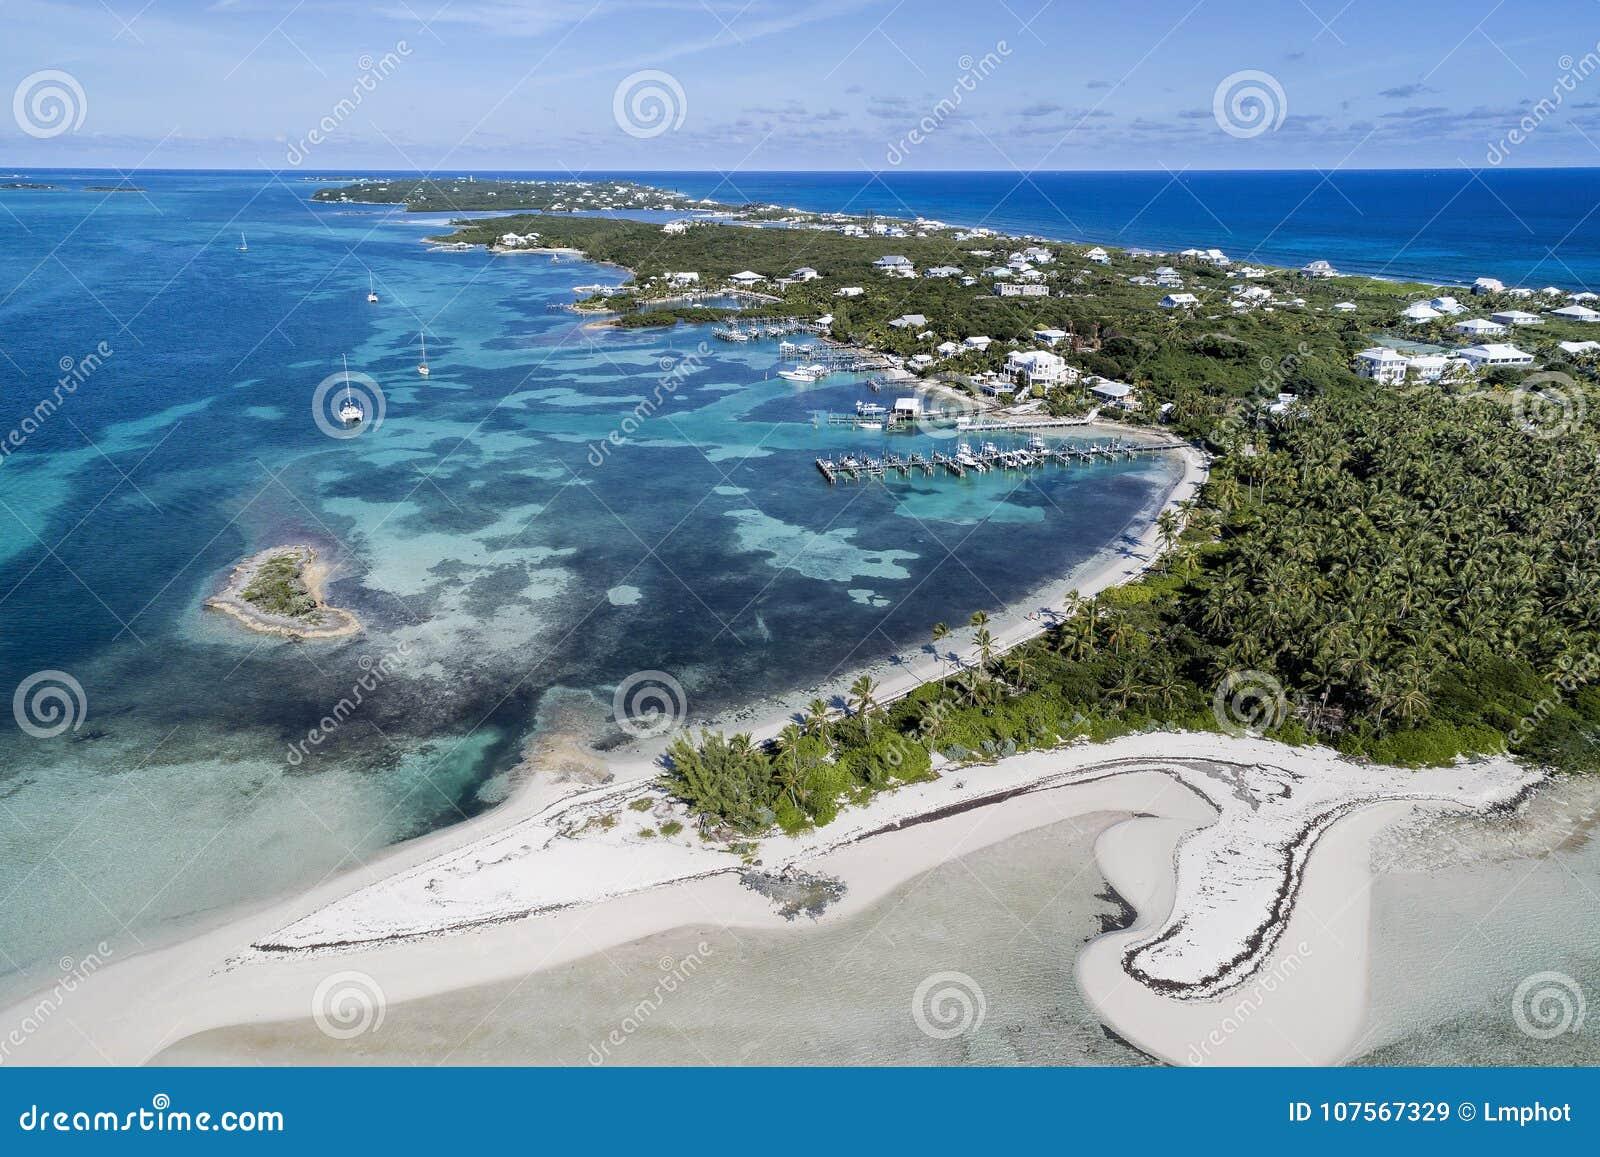 Παραλία της Ταϊτή και κοραλλιογενής νήσος Abaco αγκώνων